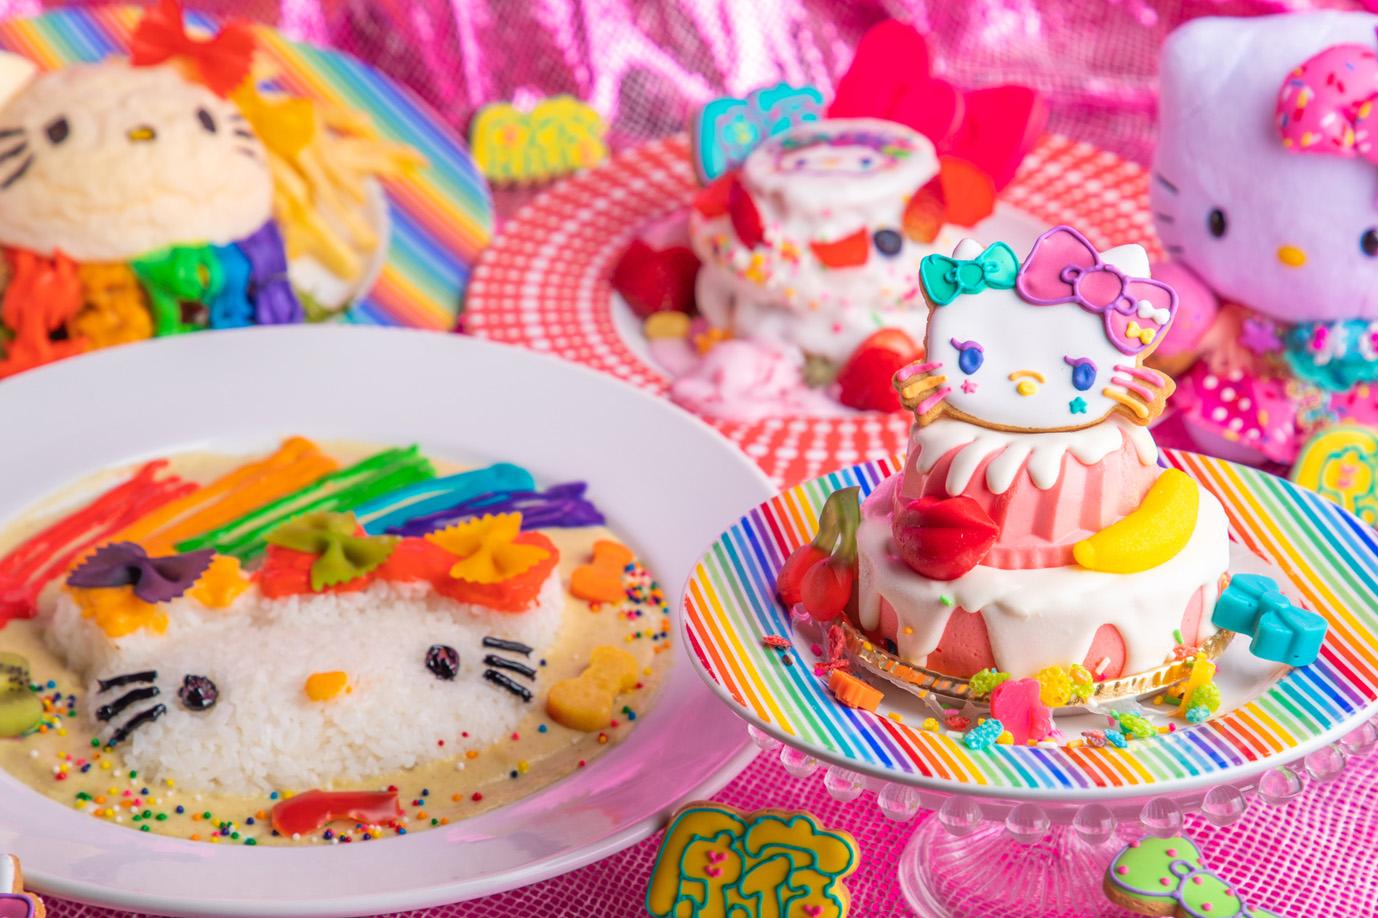 「ハローキティ」×「KAWAII MONSTER CAFE」夢のコラボレーション!KAWAIIカルチャーと融合したデコラティブな''ハローキティ''がついに完成